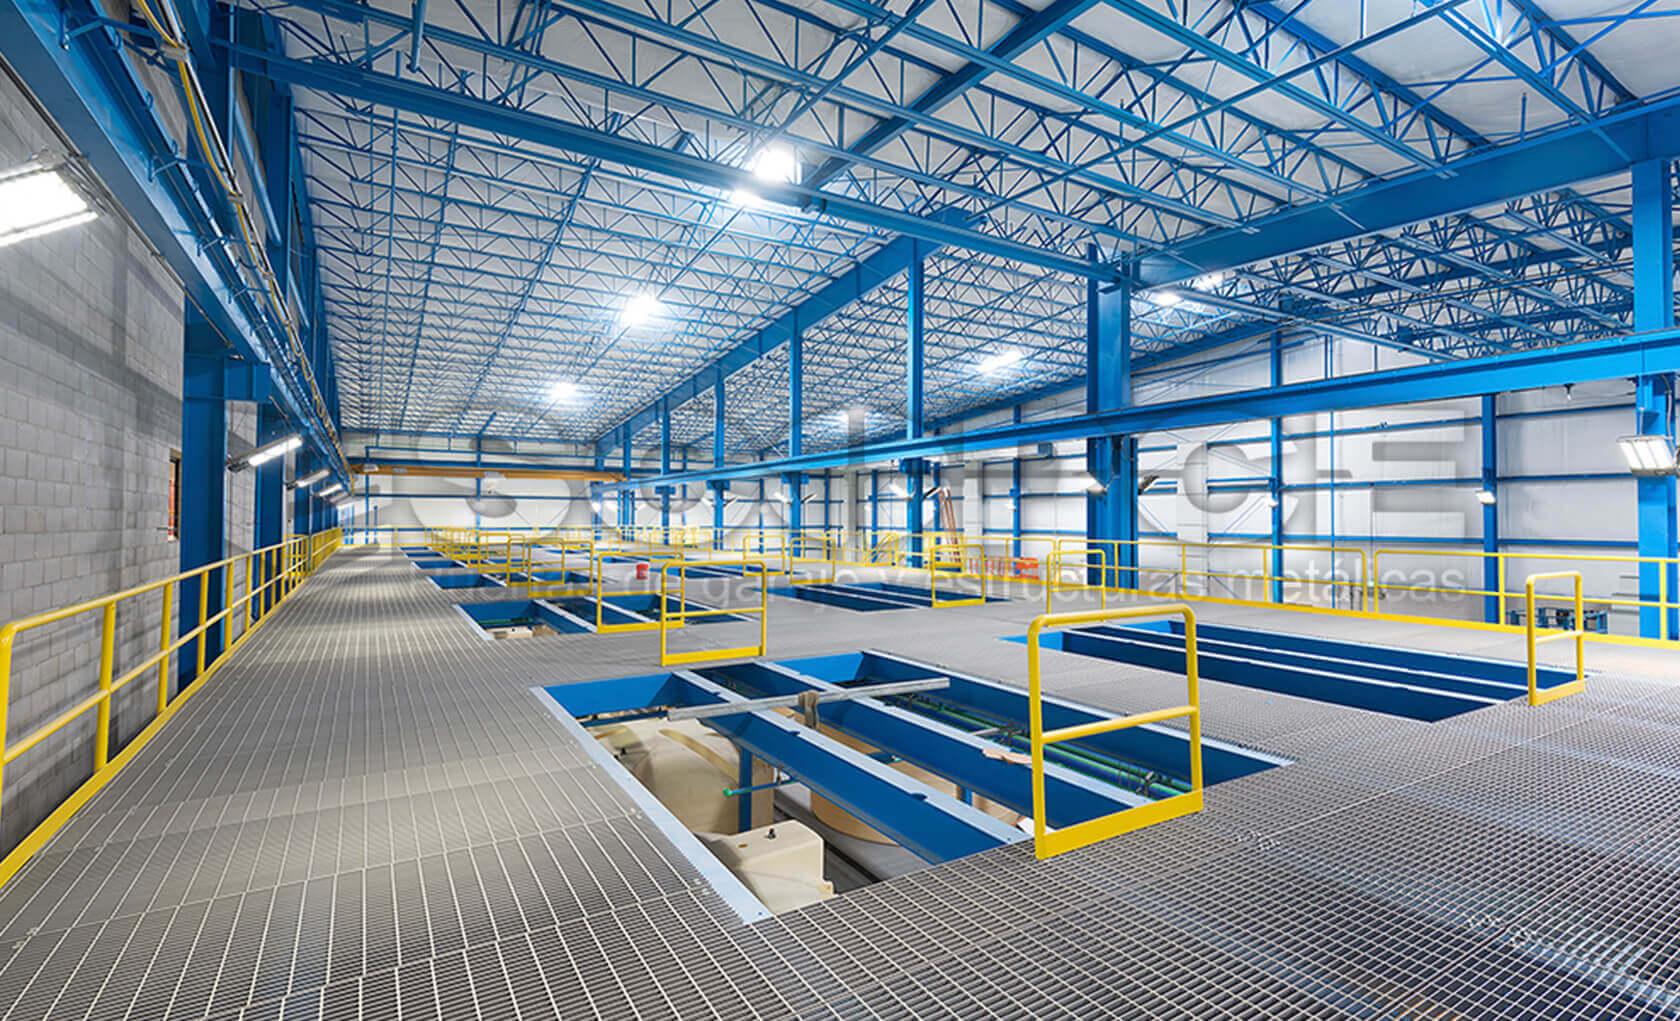 Estructuras met licas fachadas y cubiertas for Estructuras metalicas para tejados